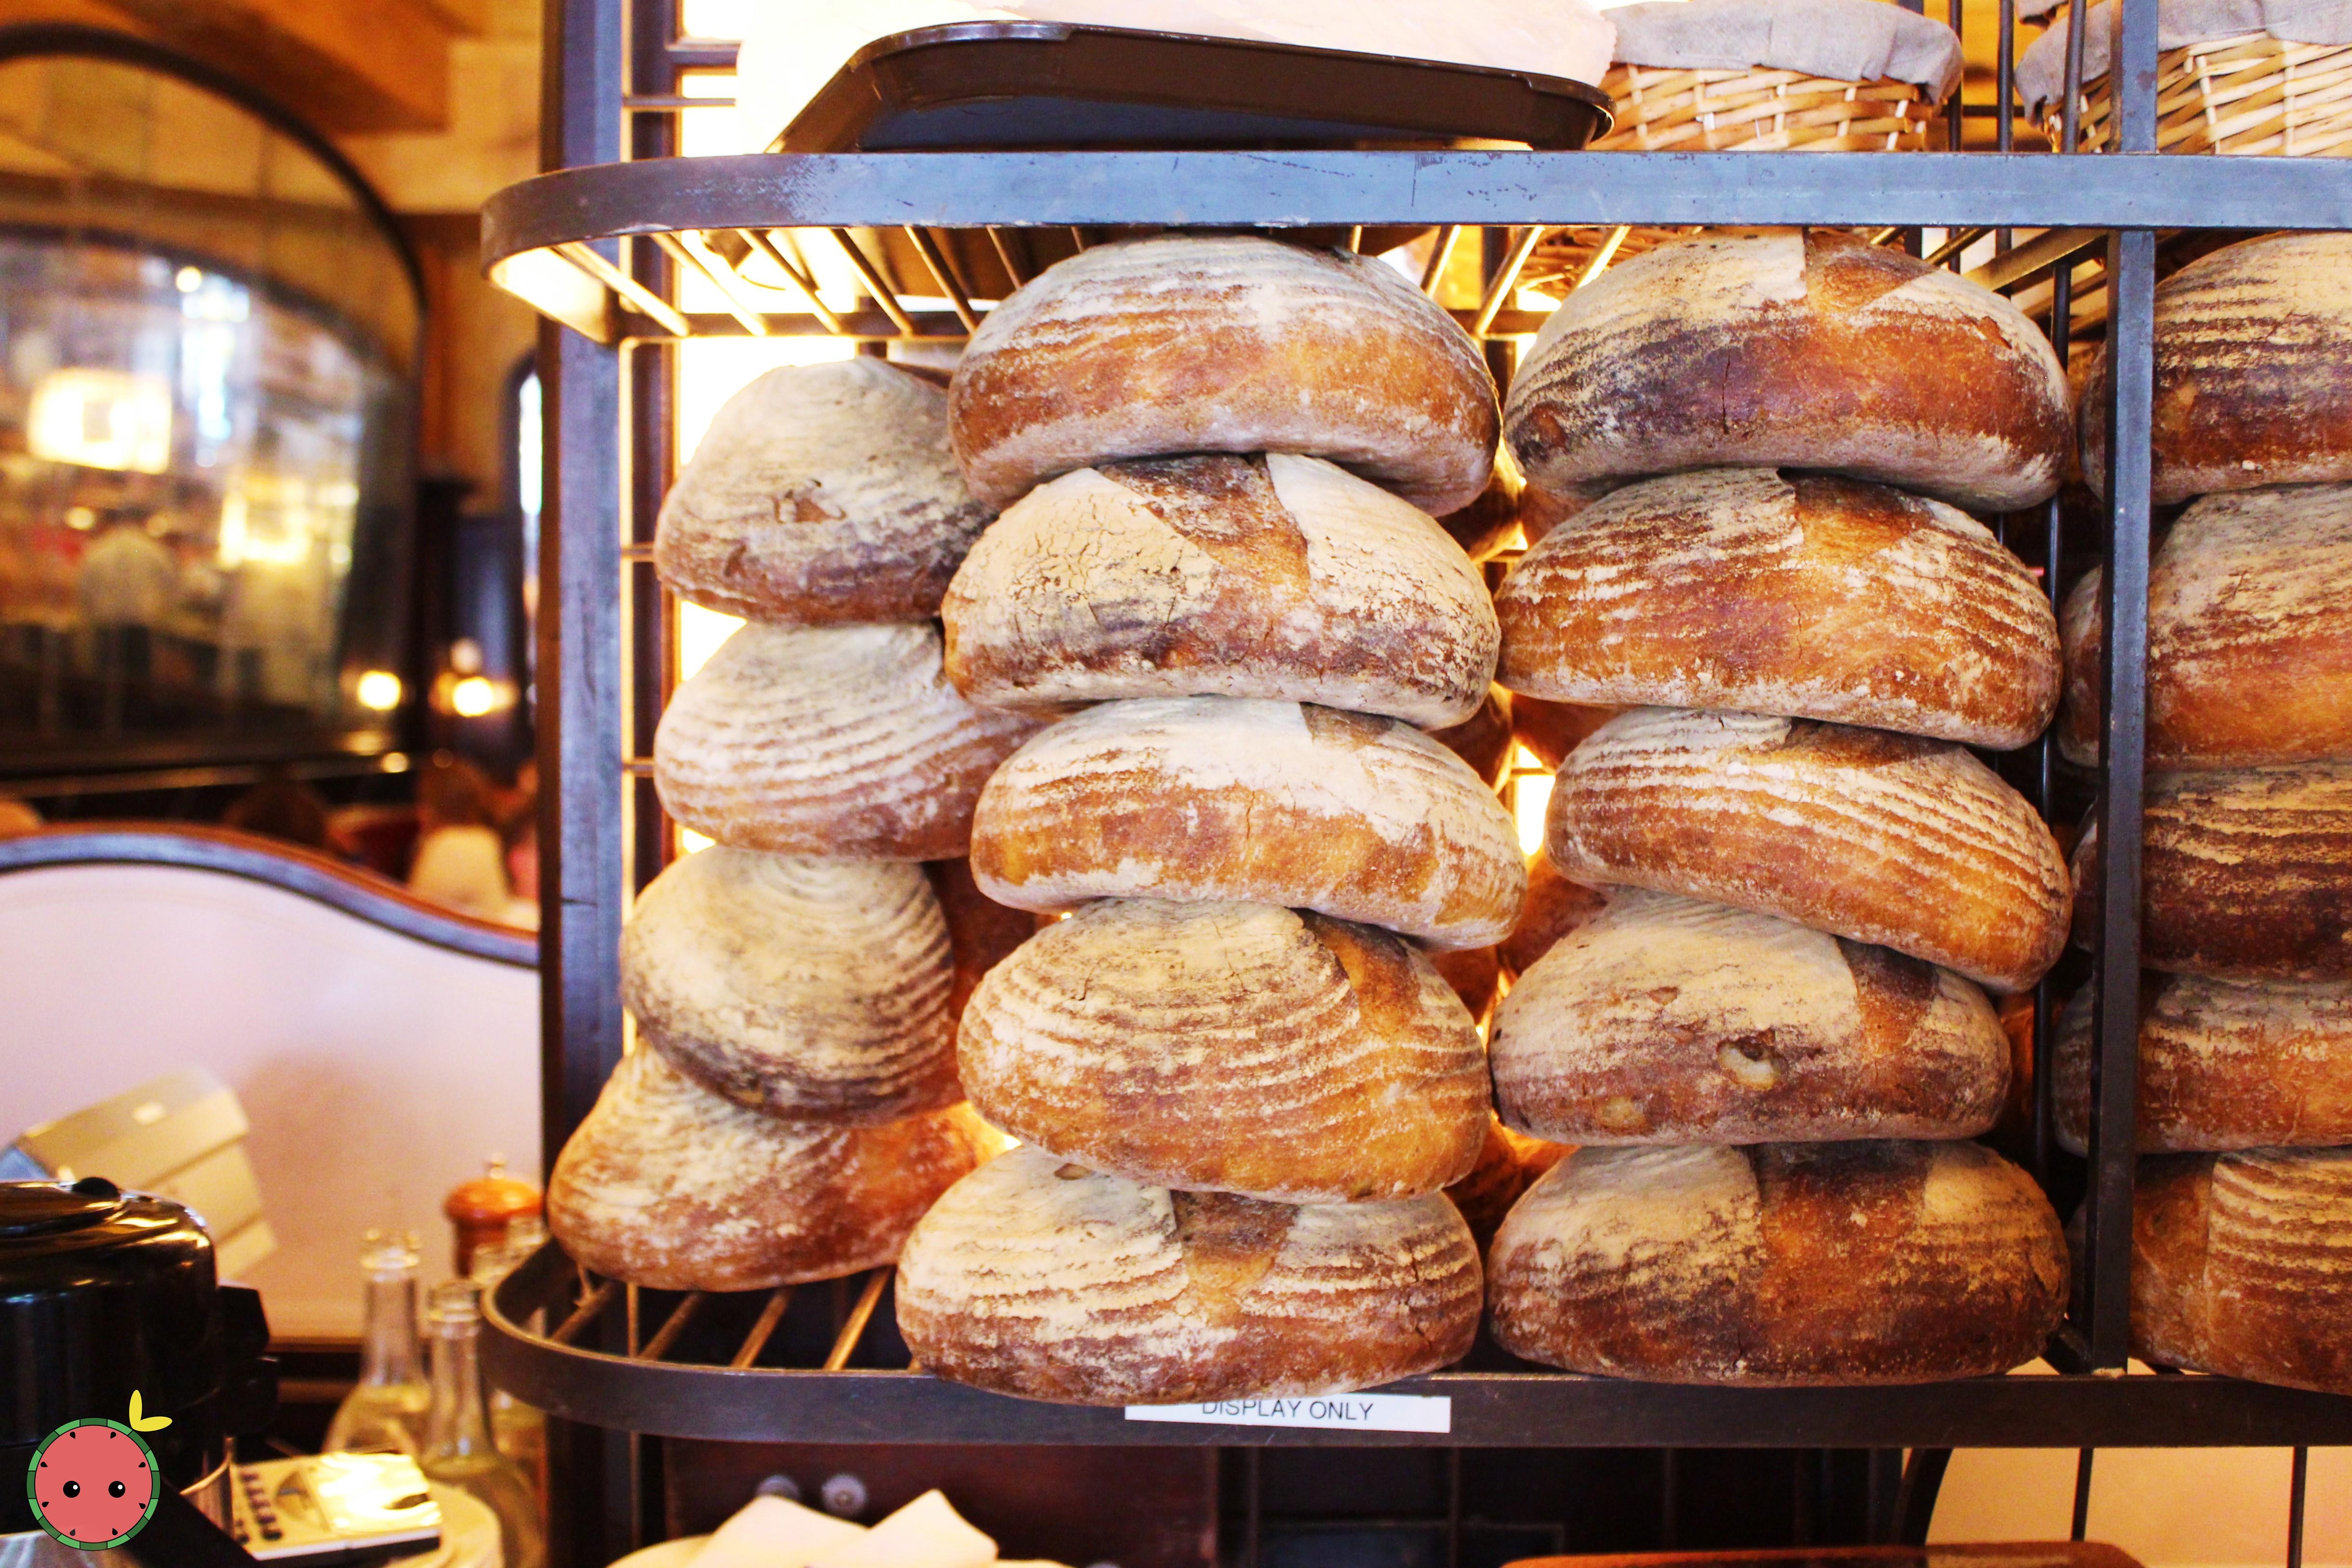 The famous Balthazar bread!